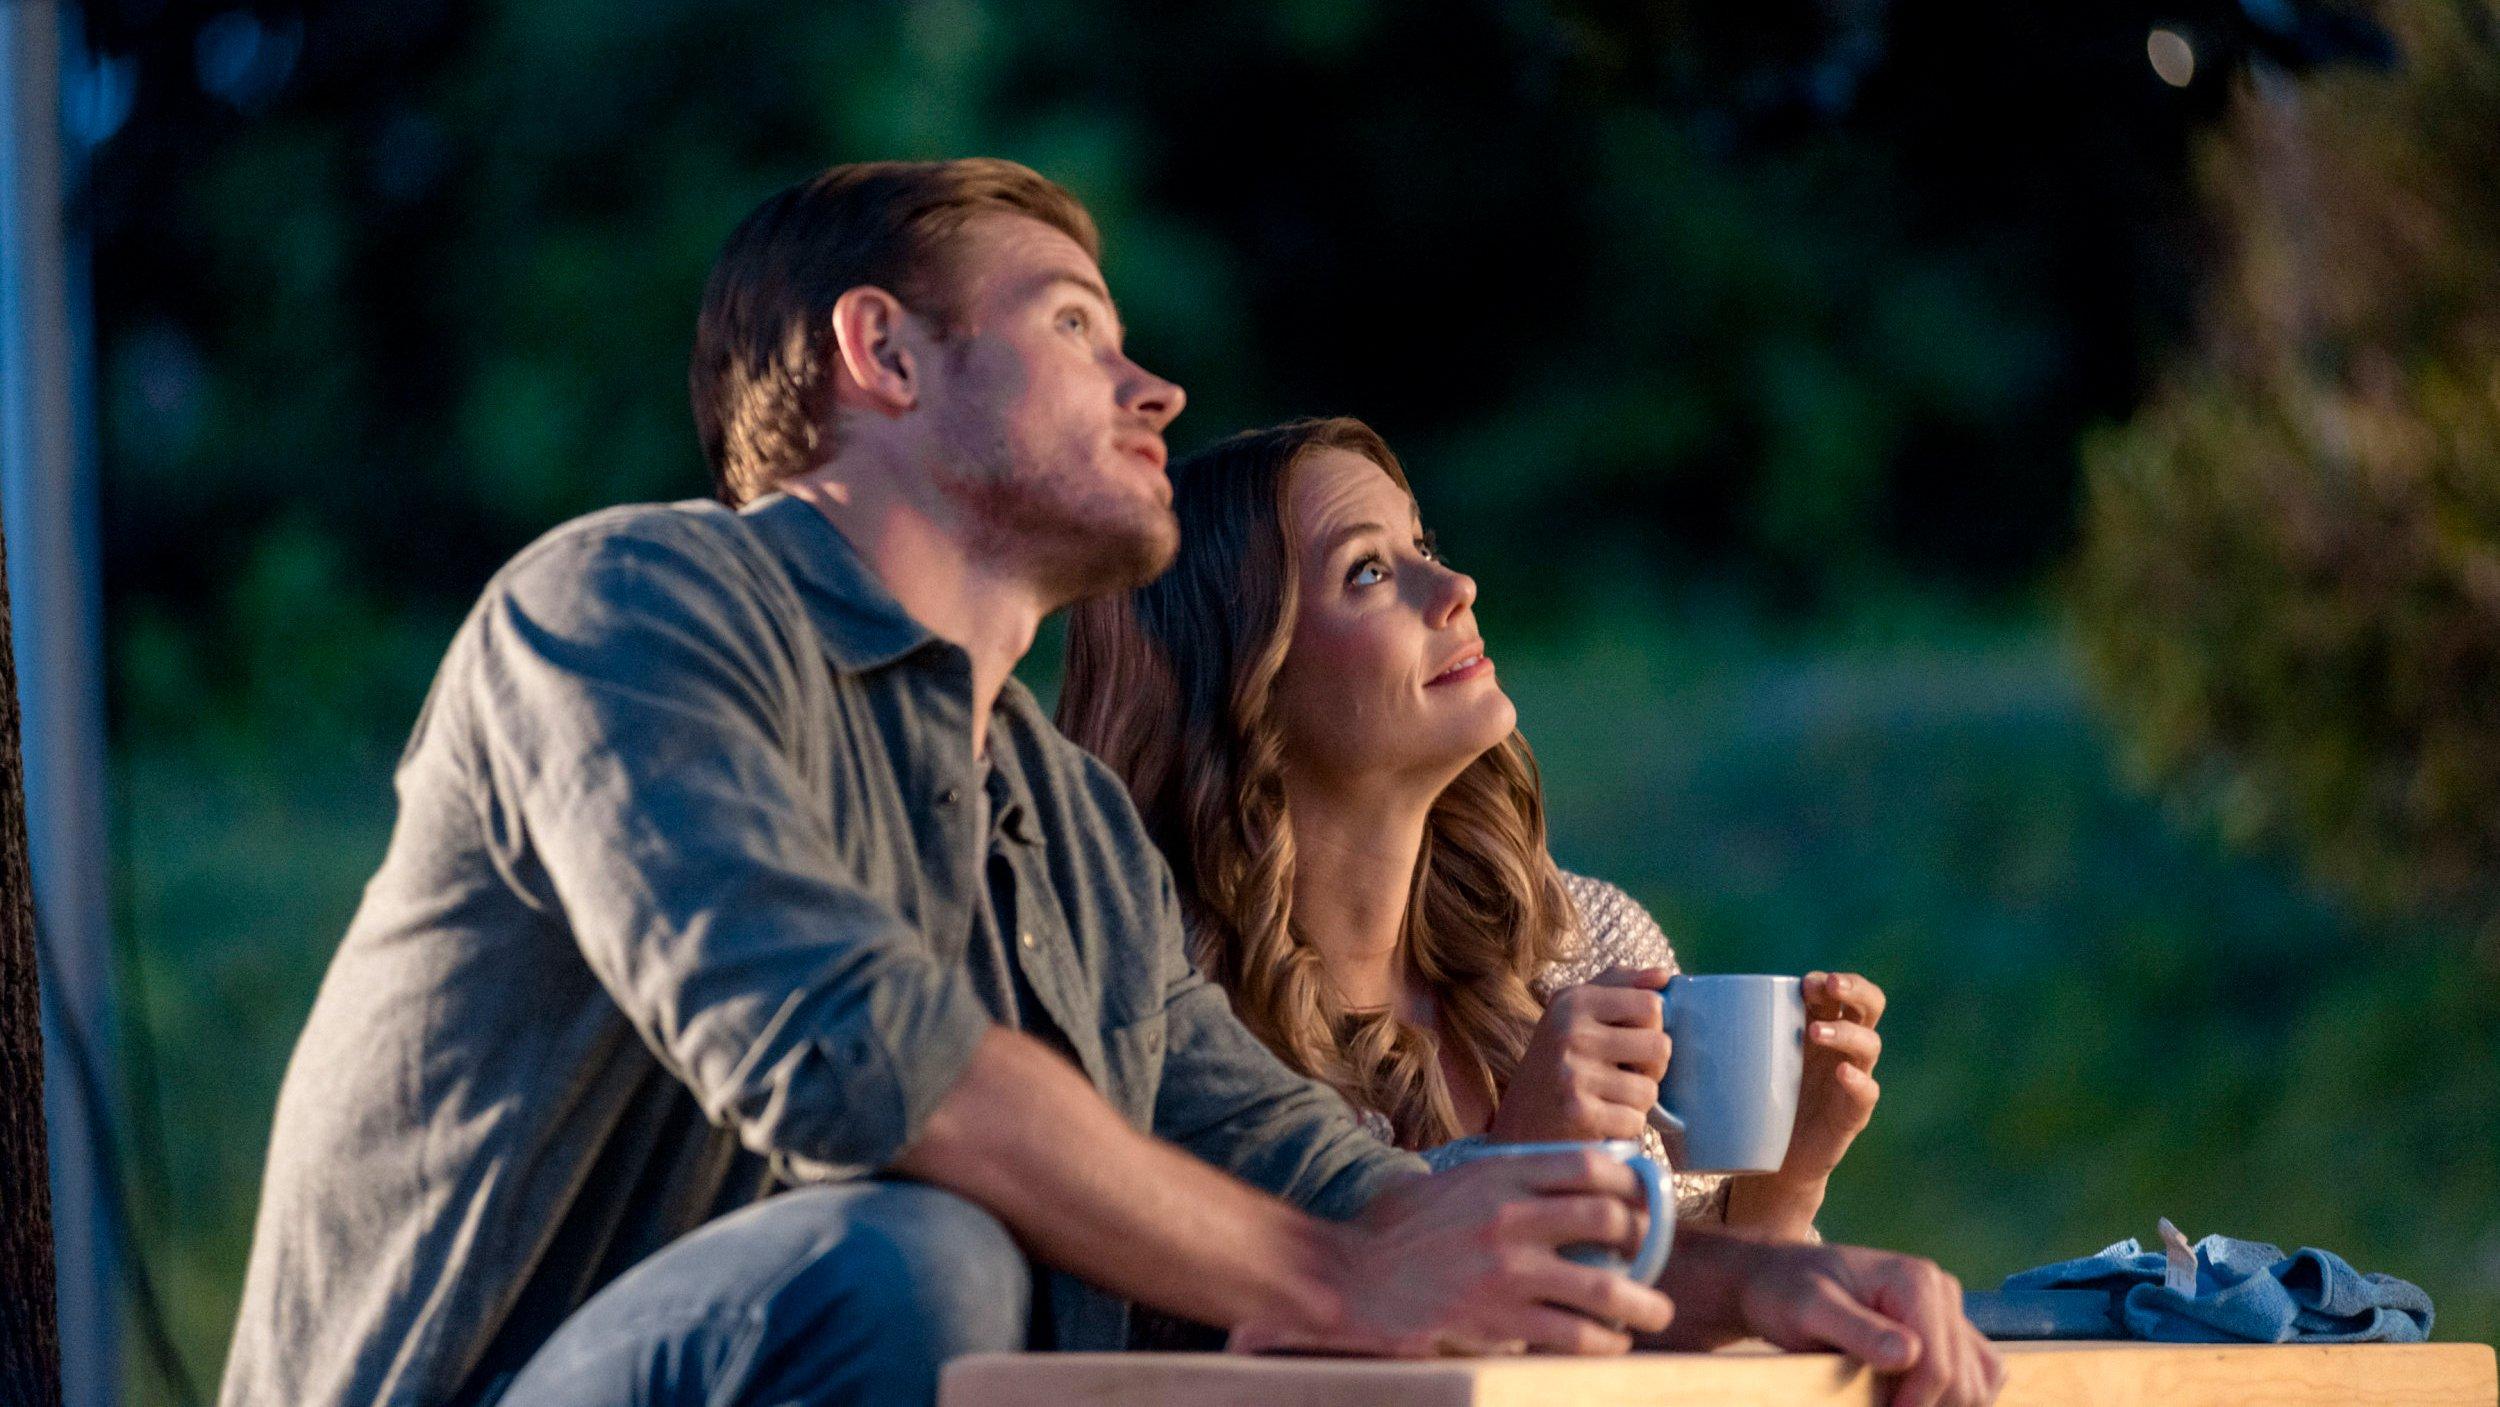 каждый какой фильм о любви стоит посмотреть раздеваясь подошёл